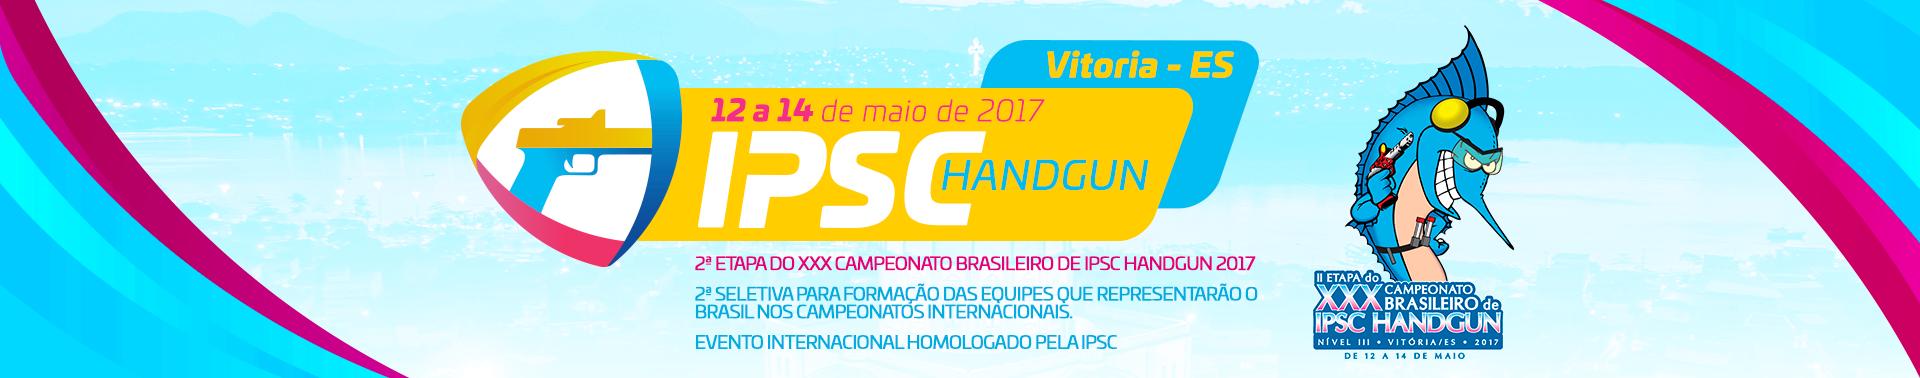 Banner_Vitória_1